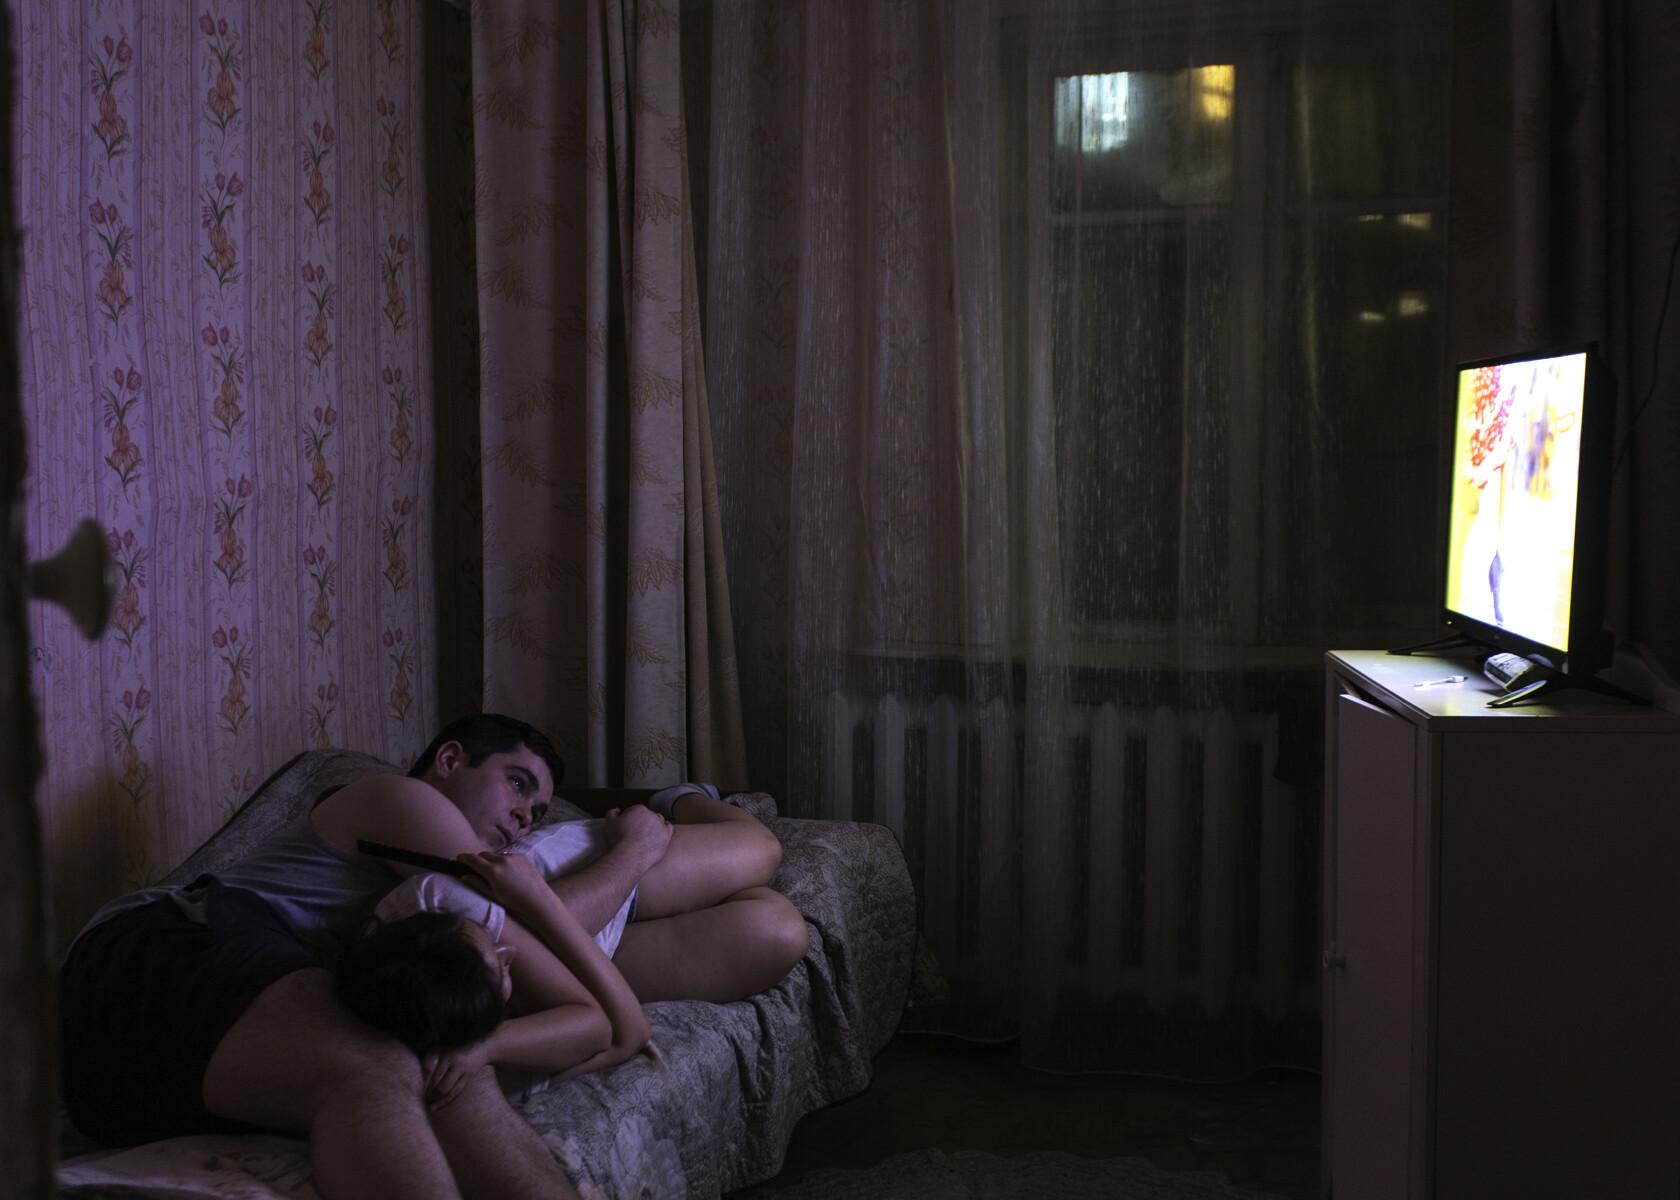 Молодая пара Иван и Инна смотрят телевизор дома в Якутии. Фотограф Алексей Васильев